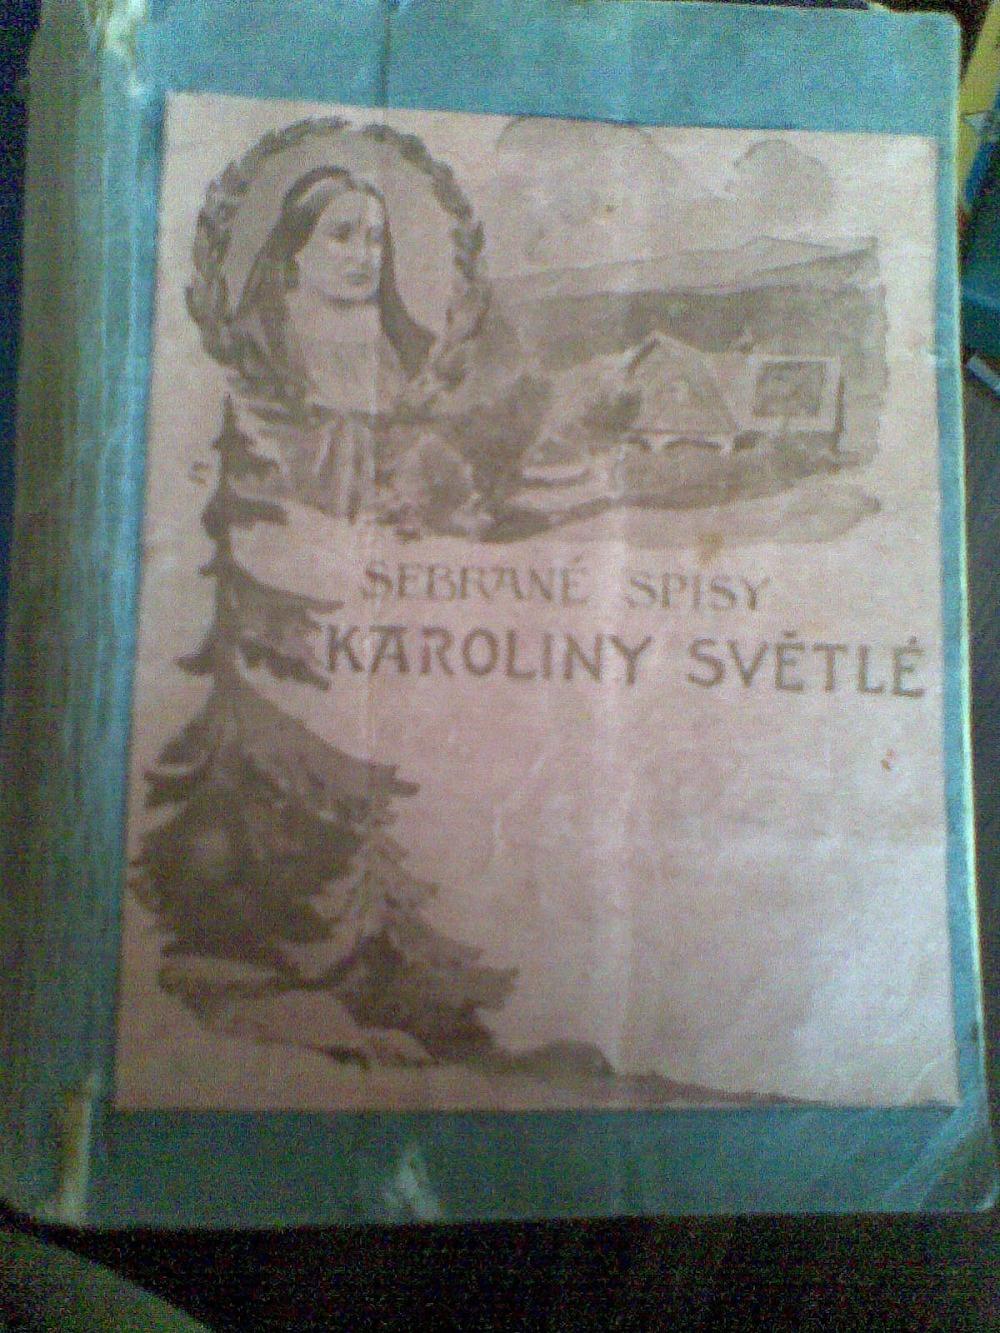 Sebrane Spisy Karoliny Svetle Povidky Databaze Knih